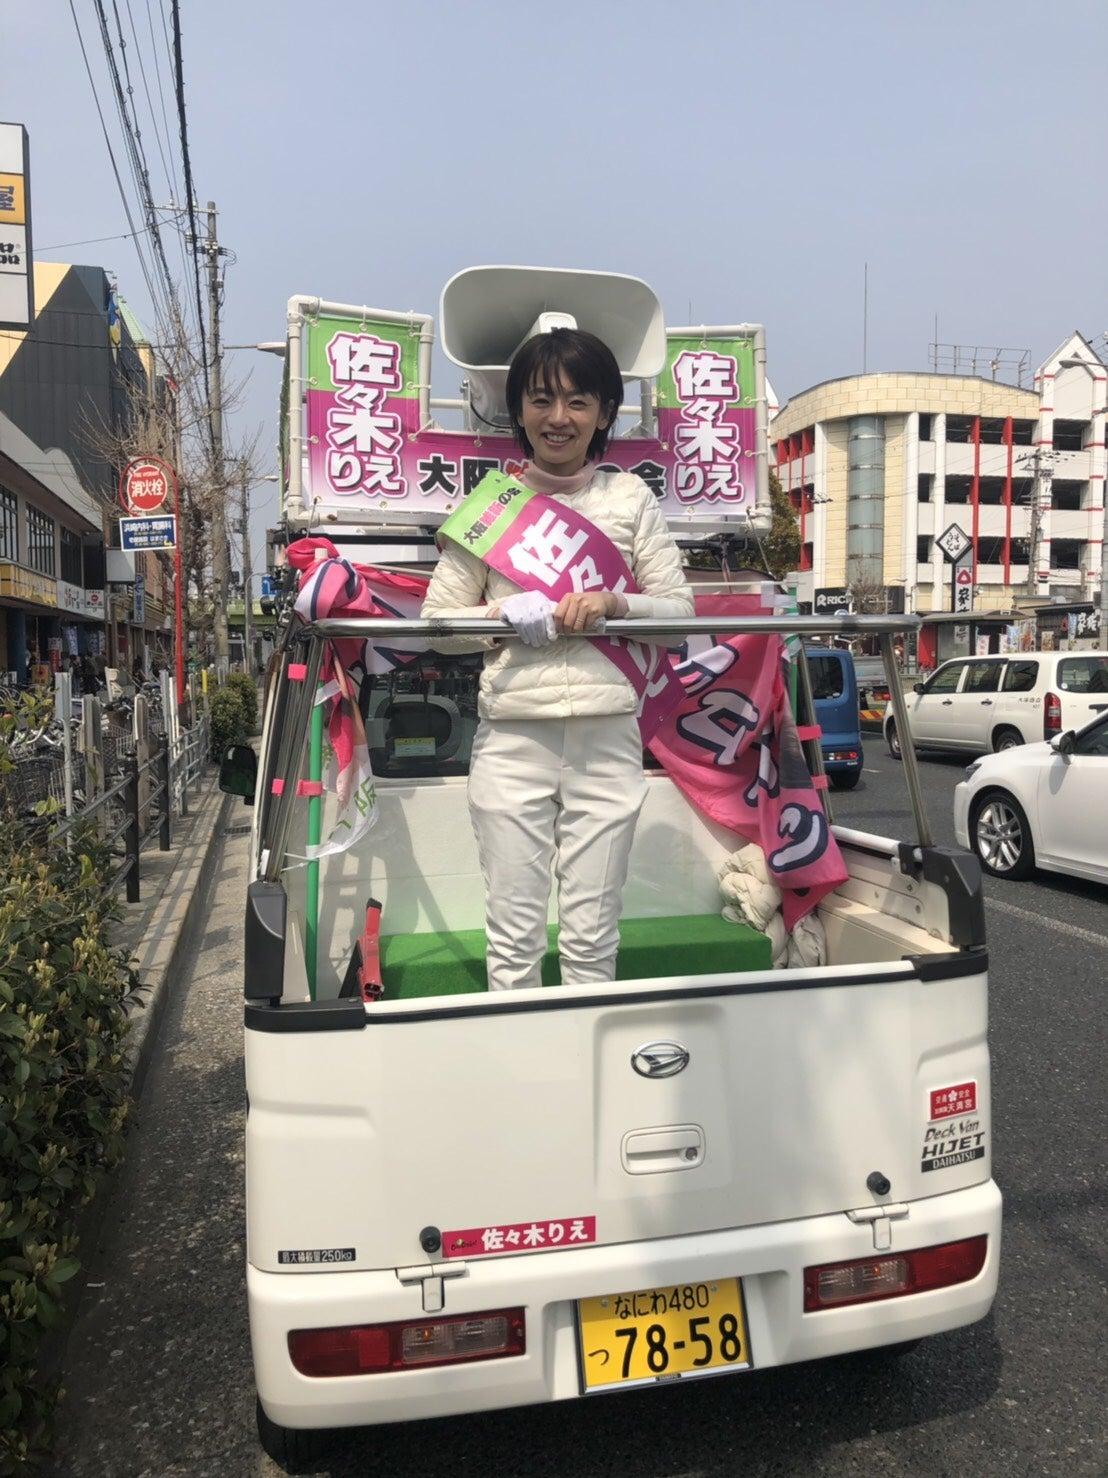 https://stat.ameba.jp/user_images/20190329/17/sasaki-rie/e6/d2/j/o1108147814380964447.jpg